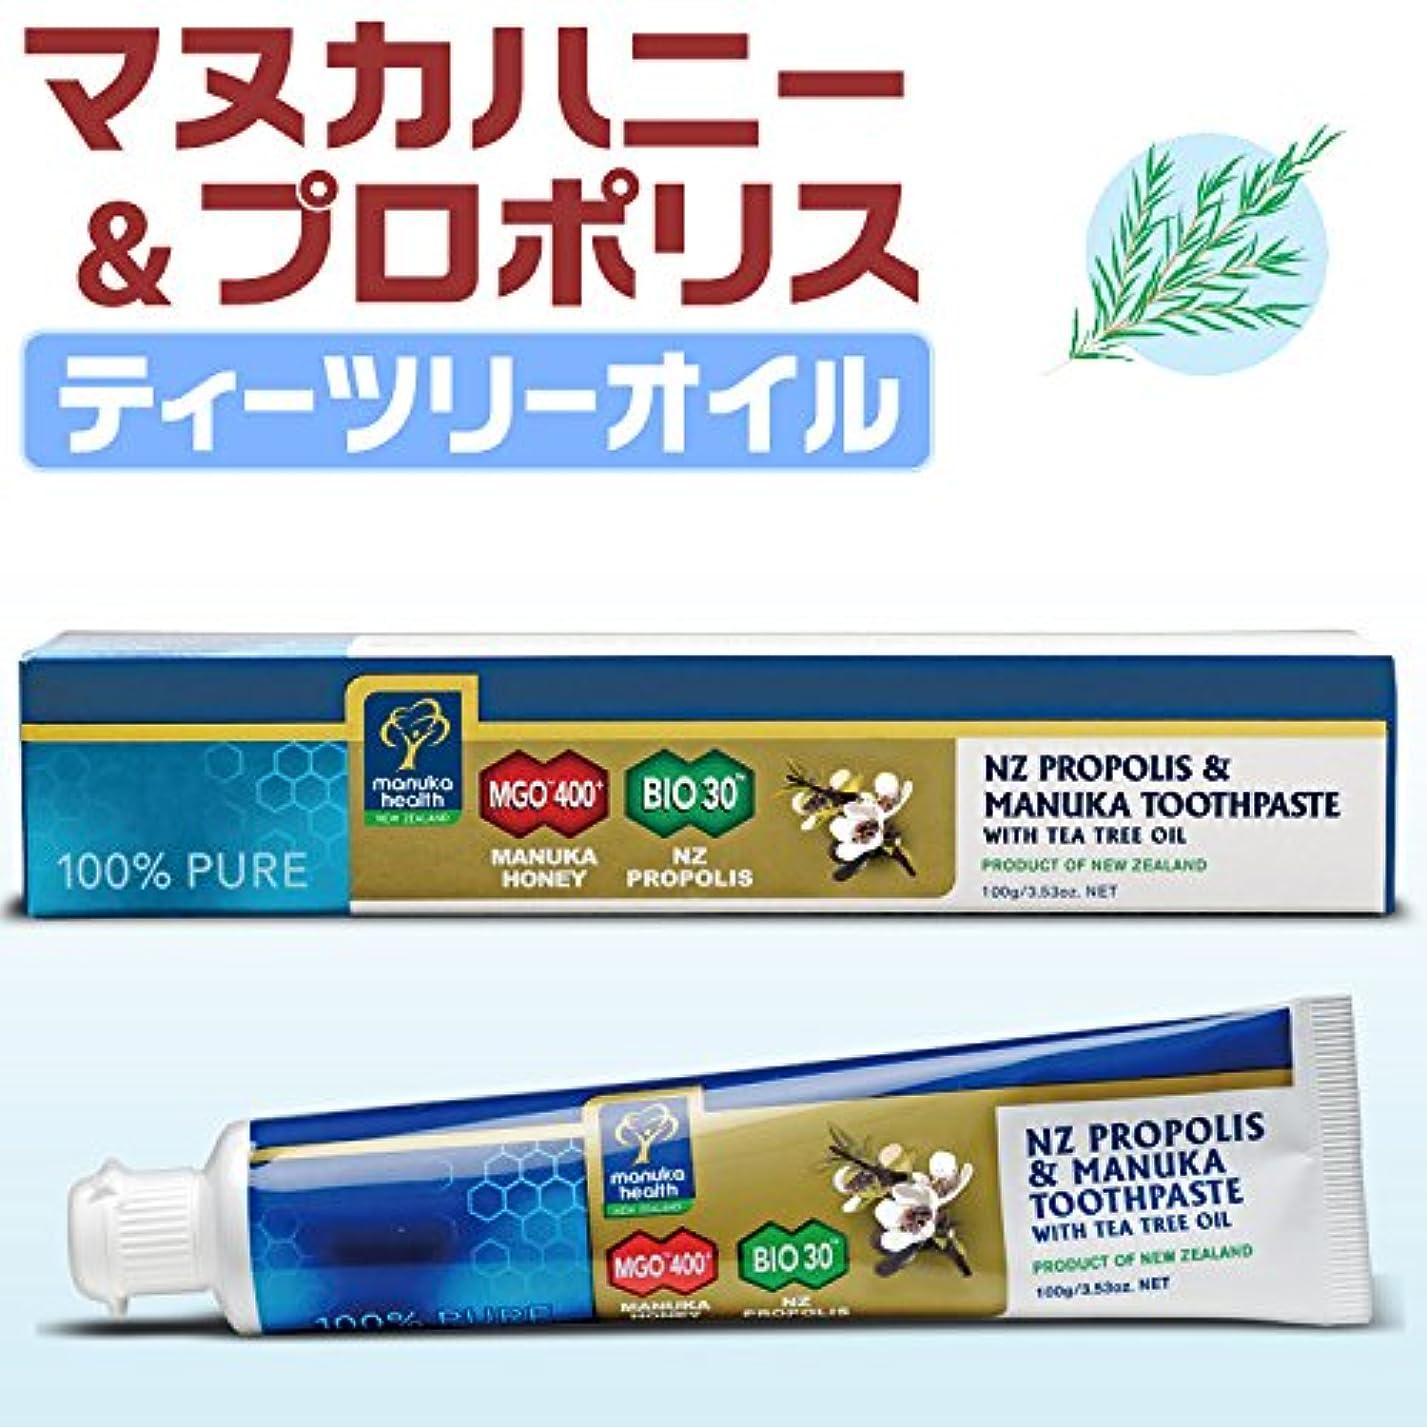 生じるリラックスしたホールドオールプロポリス&マヌカハニー MGO400+ ティーツリーオイル 歯磨き粉 [100g]青